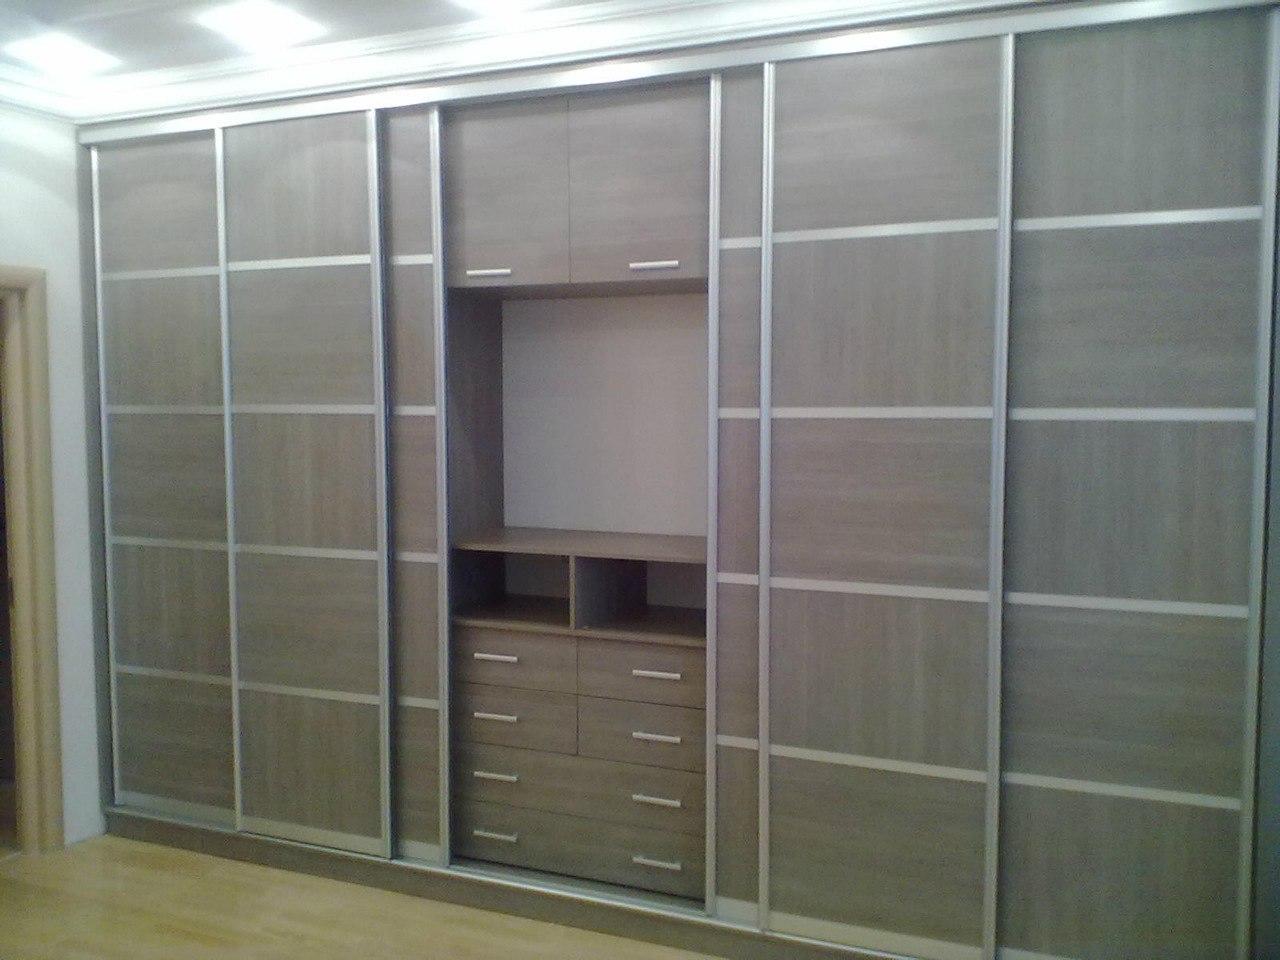 Сборка мебели - быстро, добросовестно, аккуратно. / мебель в.